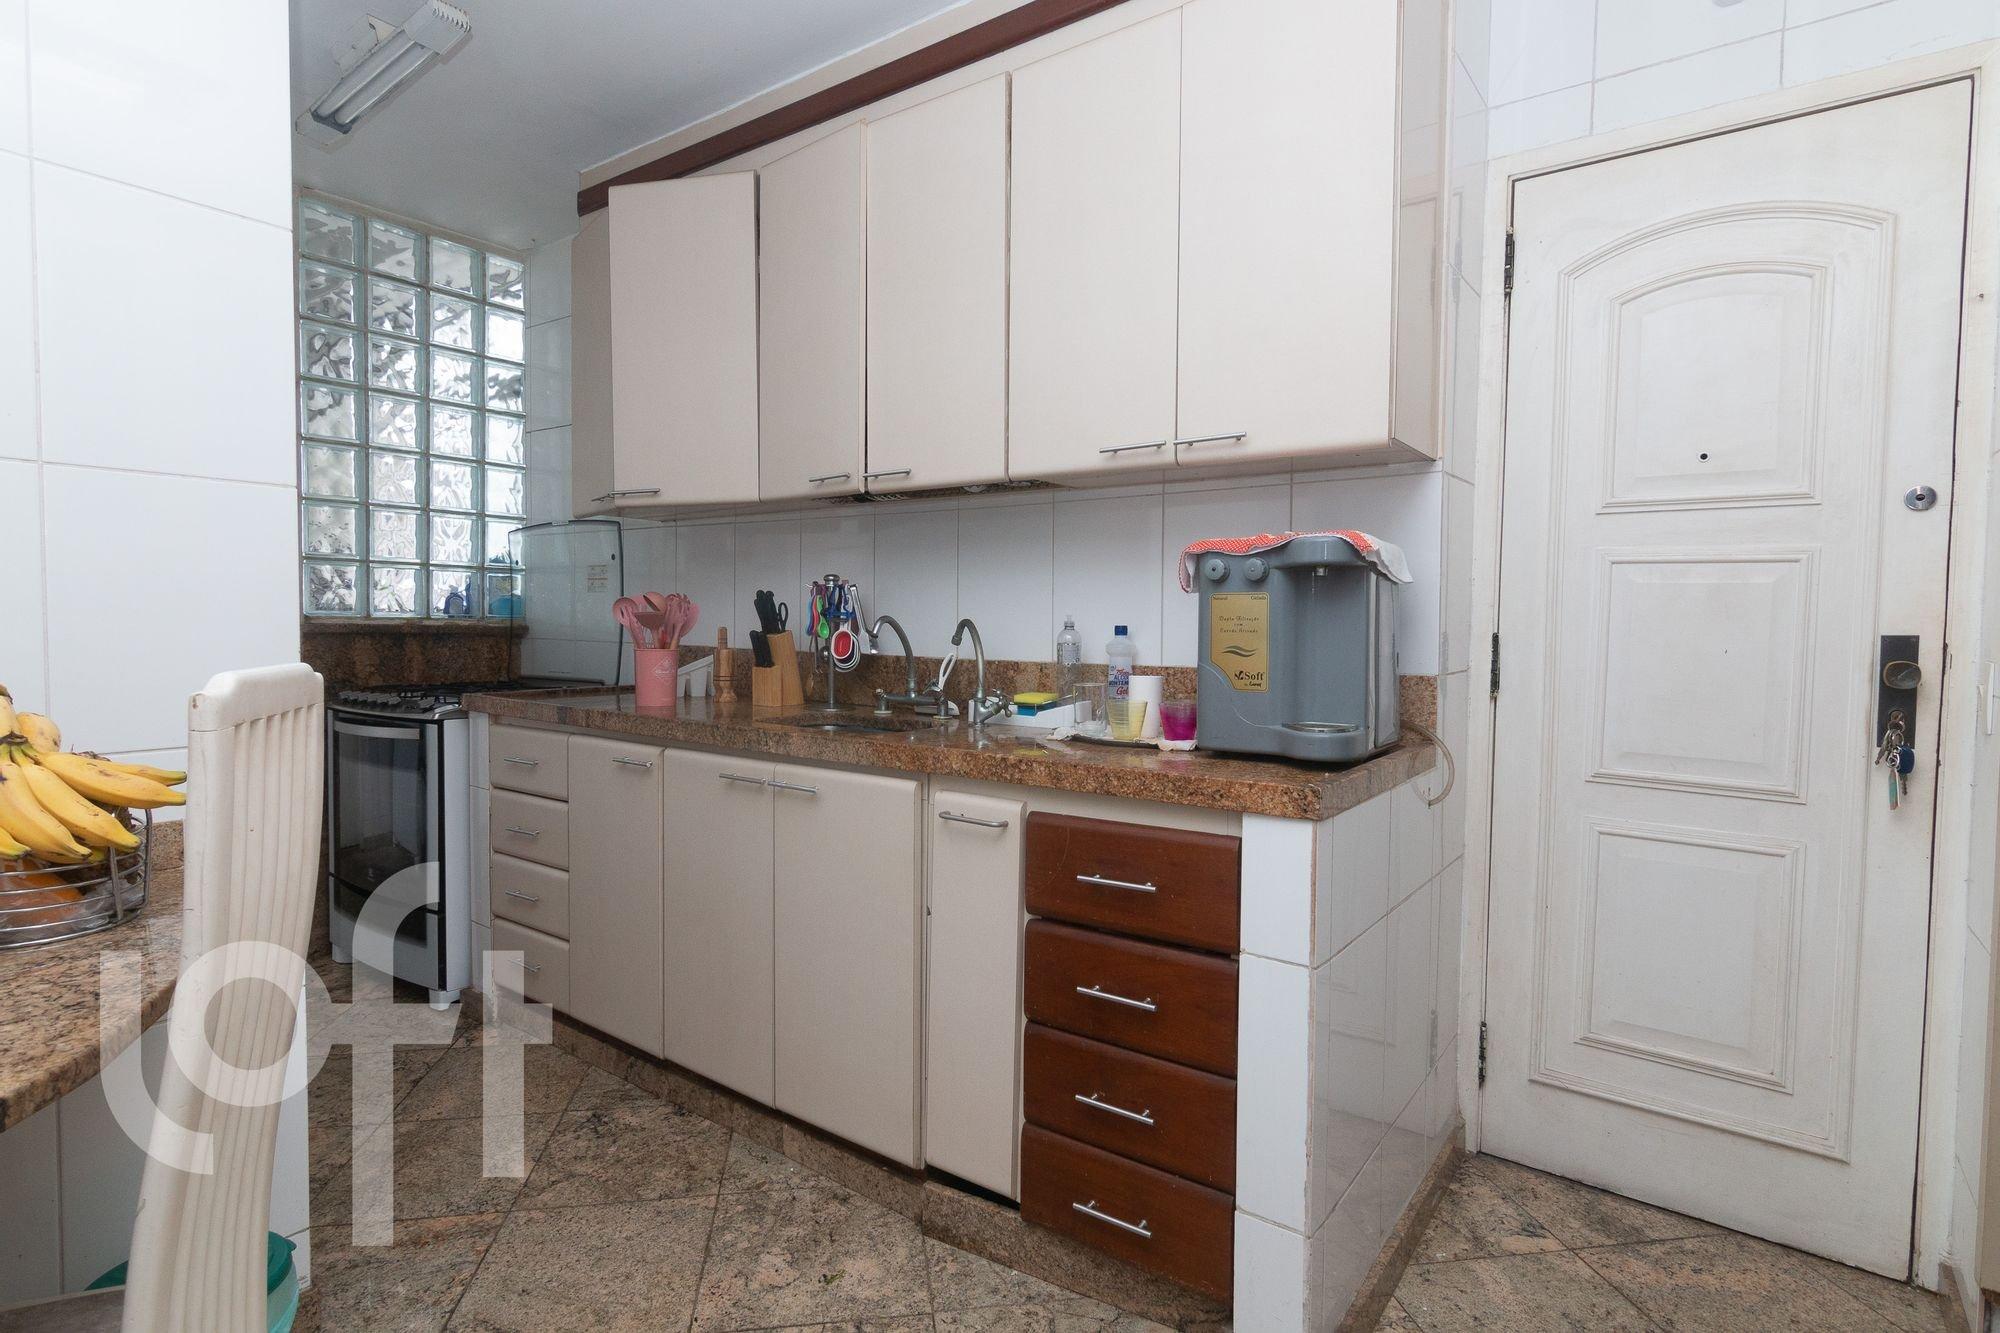 Foto de Cozinha com colher, garrafa